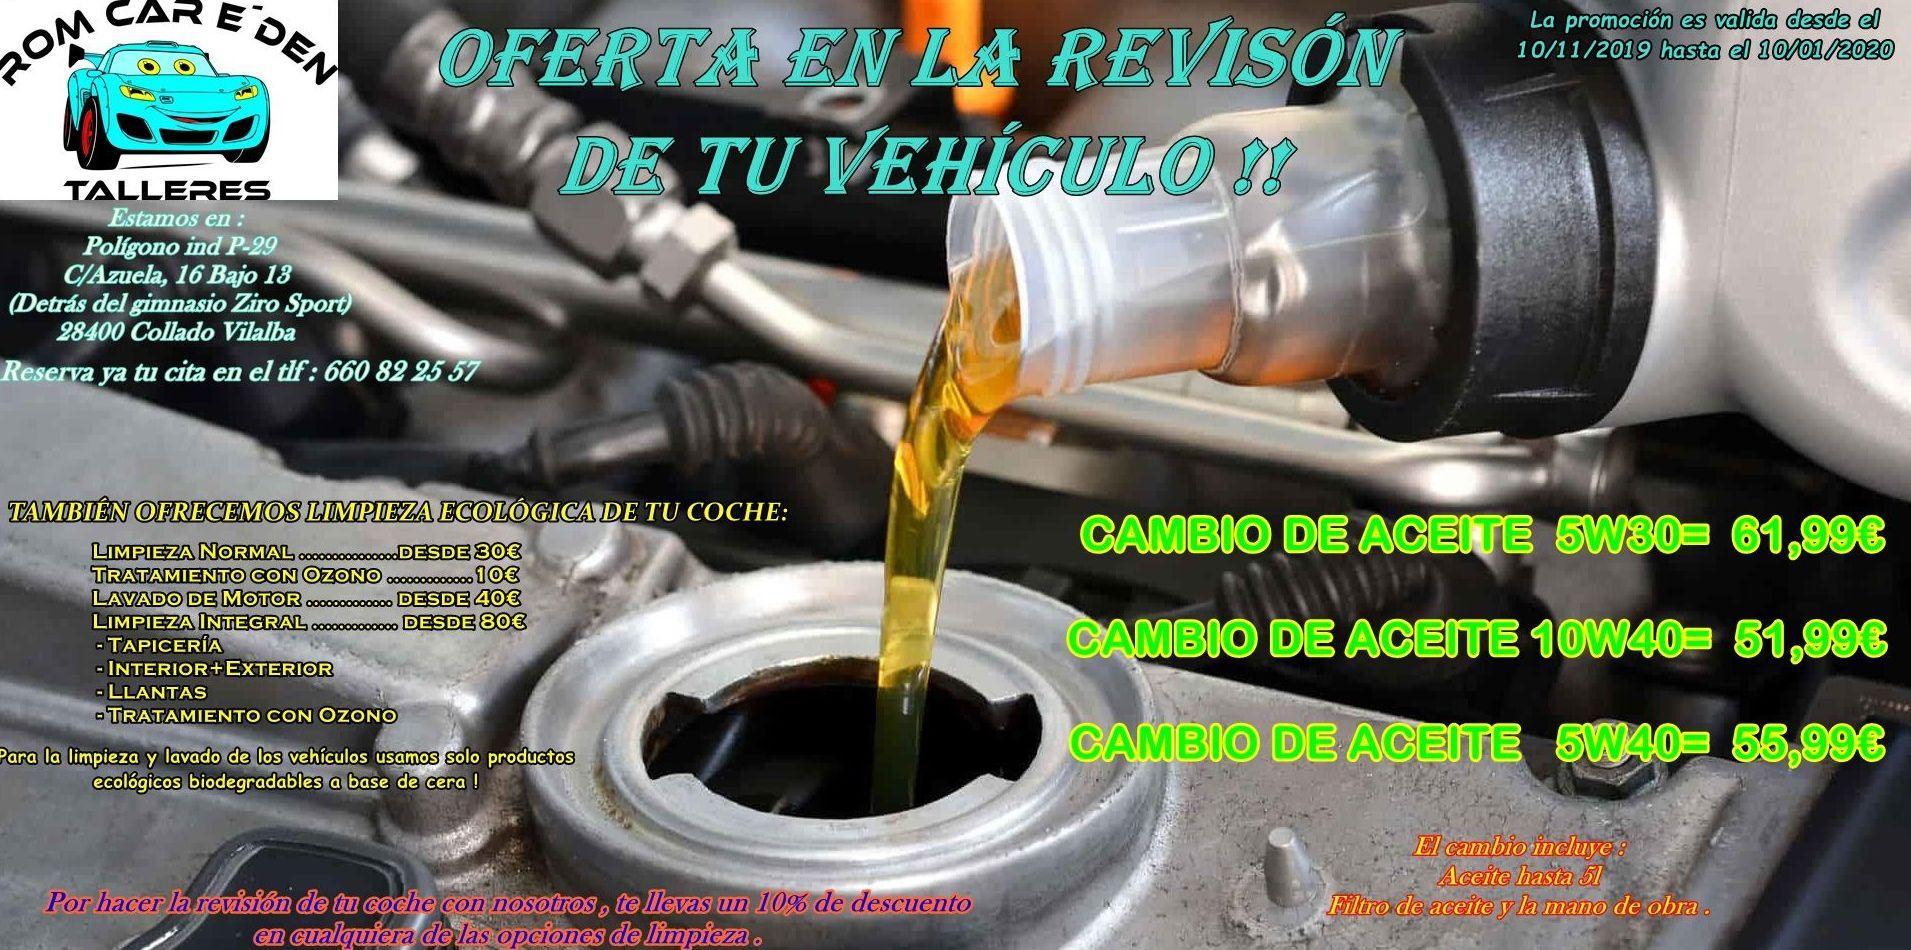 Foto 1 de Talleres de automóviles en Collado Villalba | Talleres Rom Car E'Den